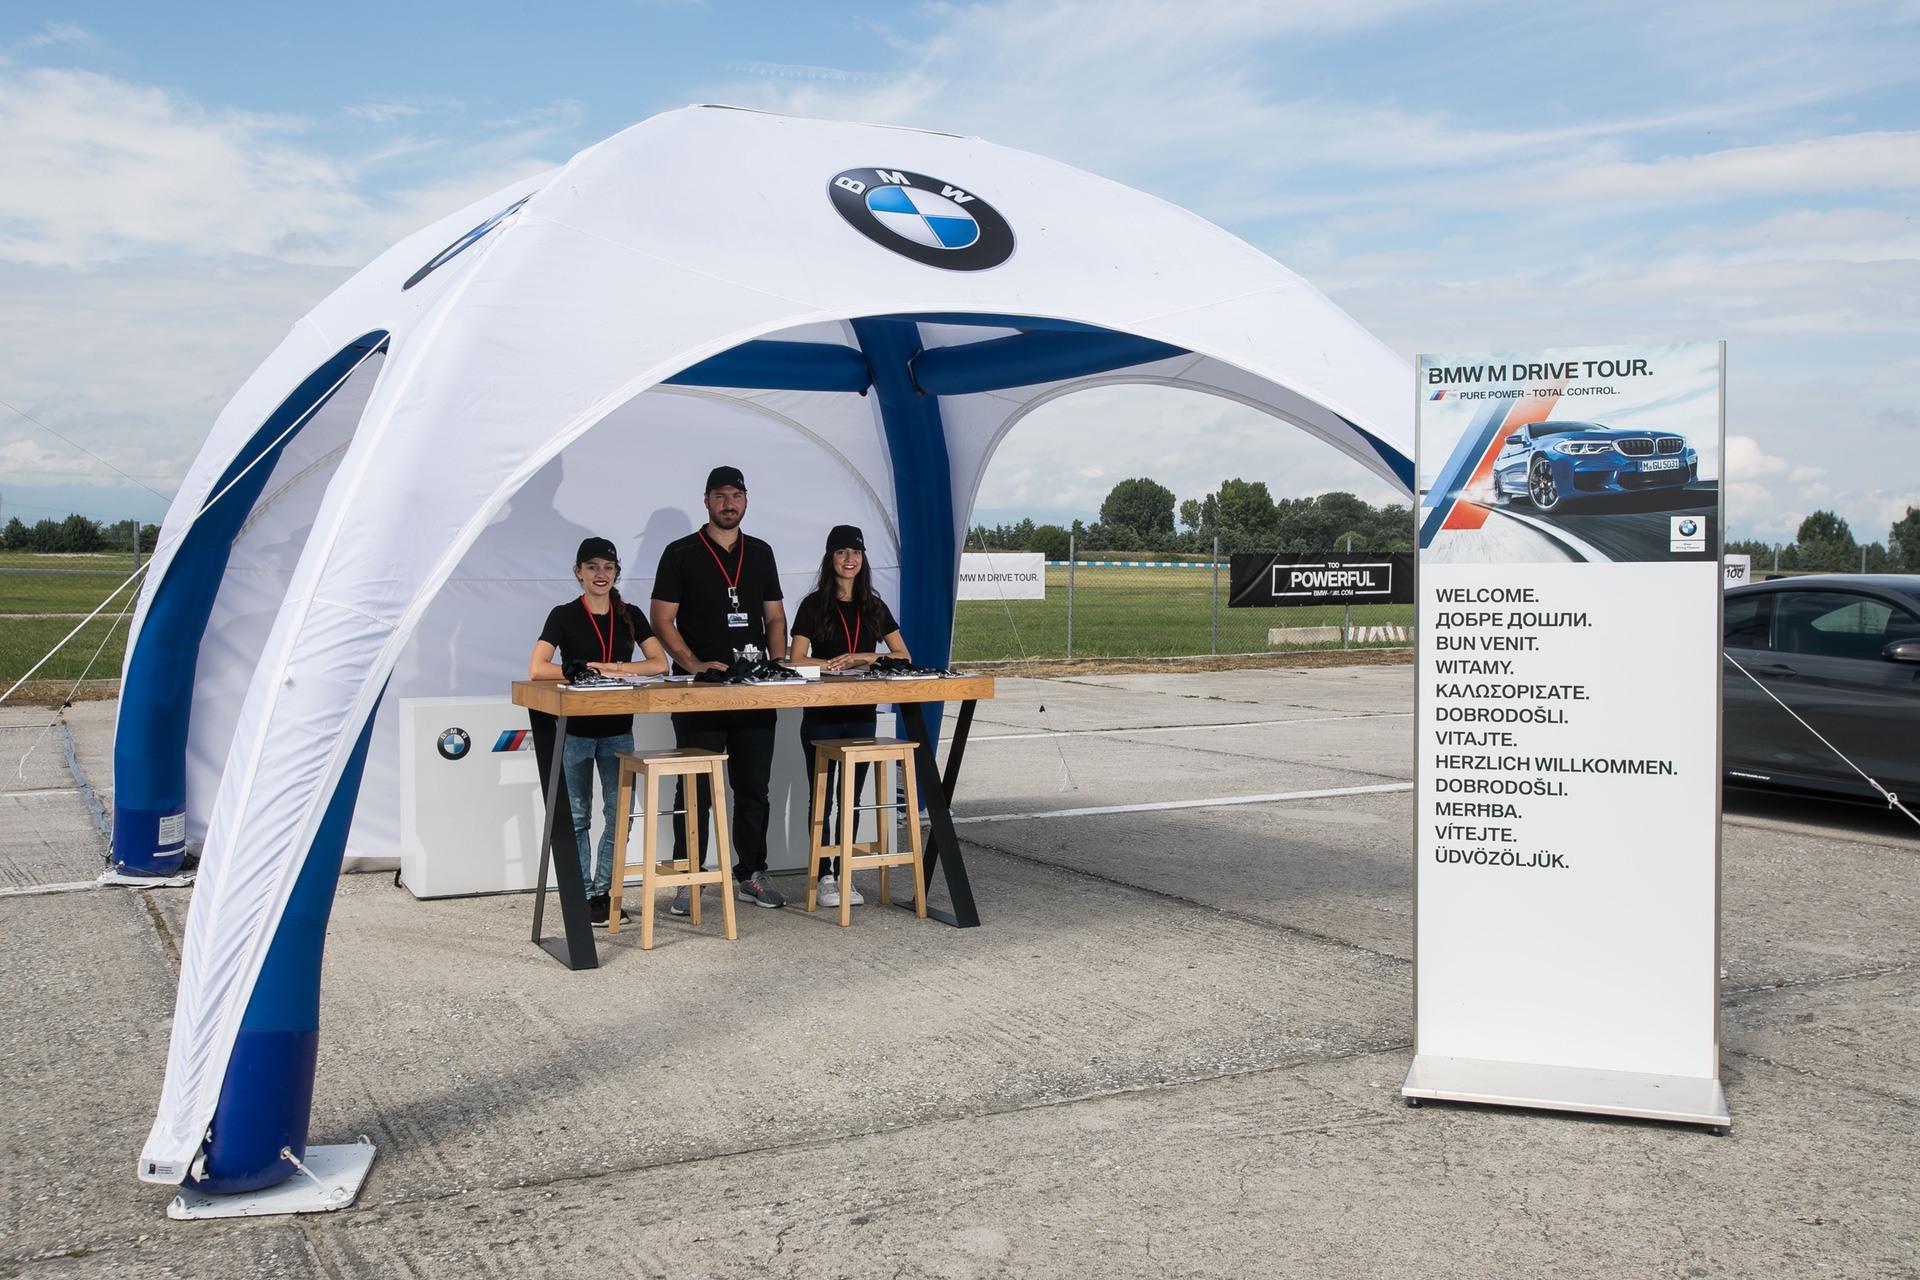 BMW_M_Drive_Tour_0165